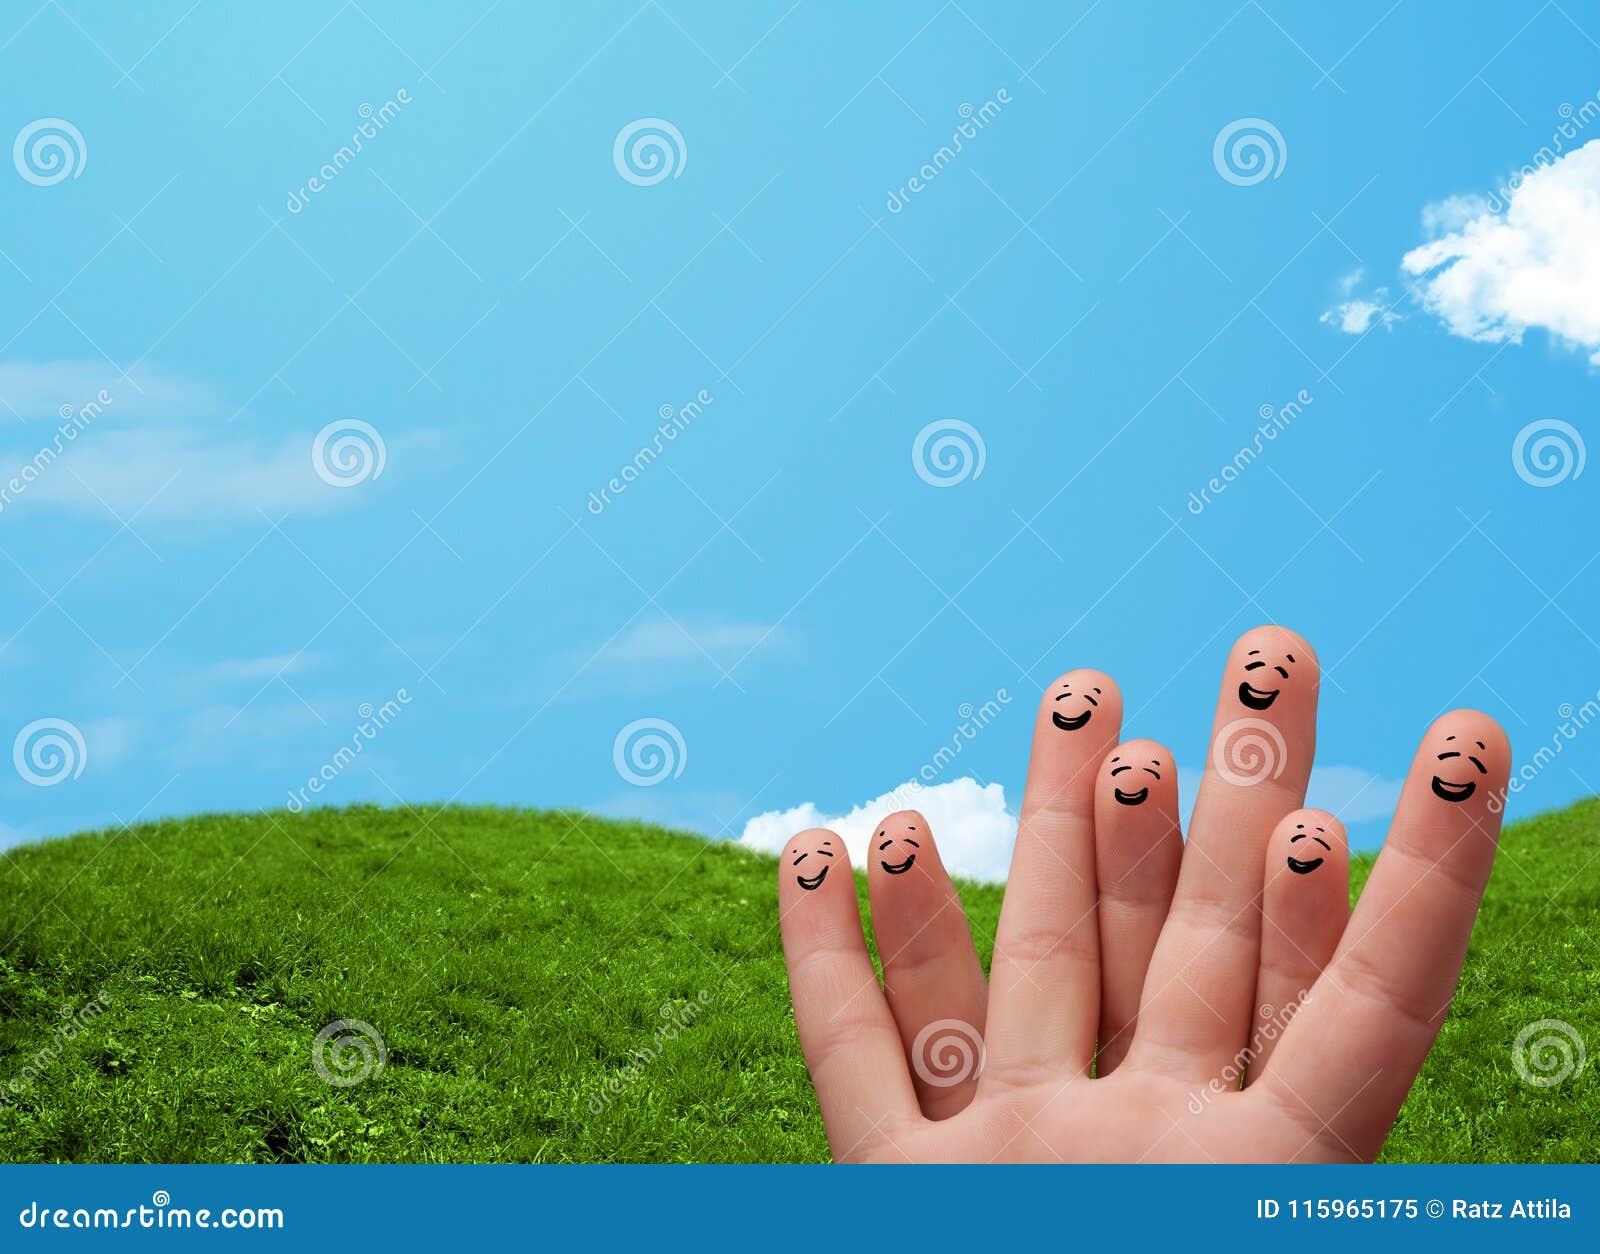 Vrolijke vinger smileys met landschapslandschap bij de achtergrond